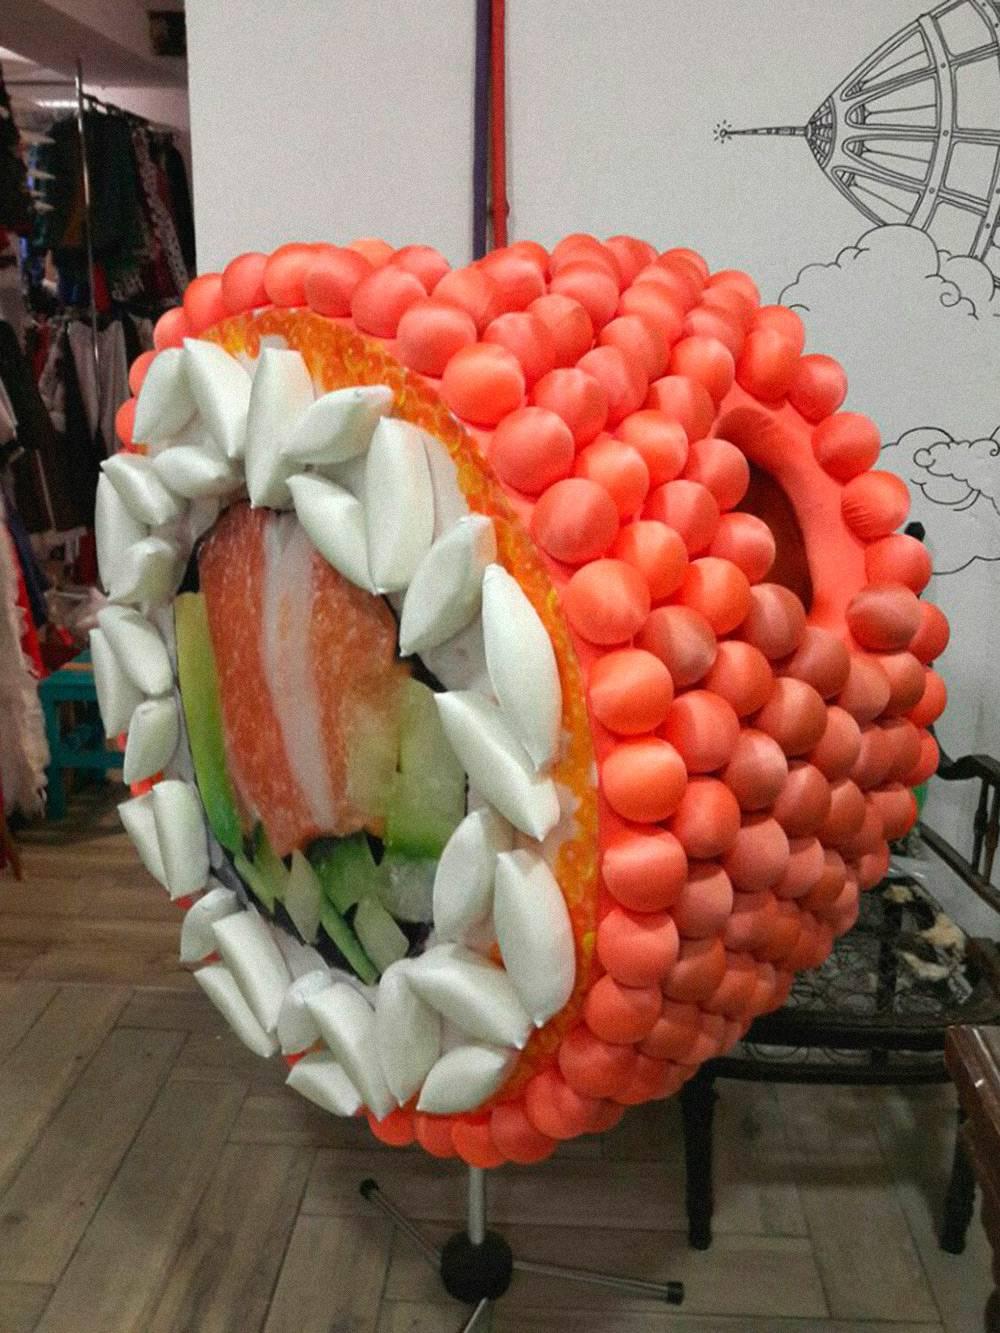 Костюм суши — самый необычный заказ, сделанный «Комодом». Еще Вике заказывали костюмы динозавров, дикобразов и бобров, но девушка не смогла их выполнить